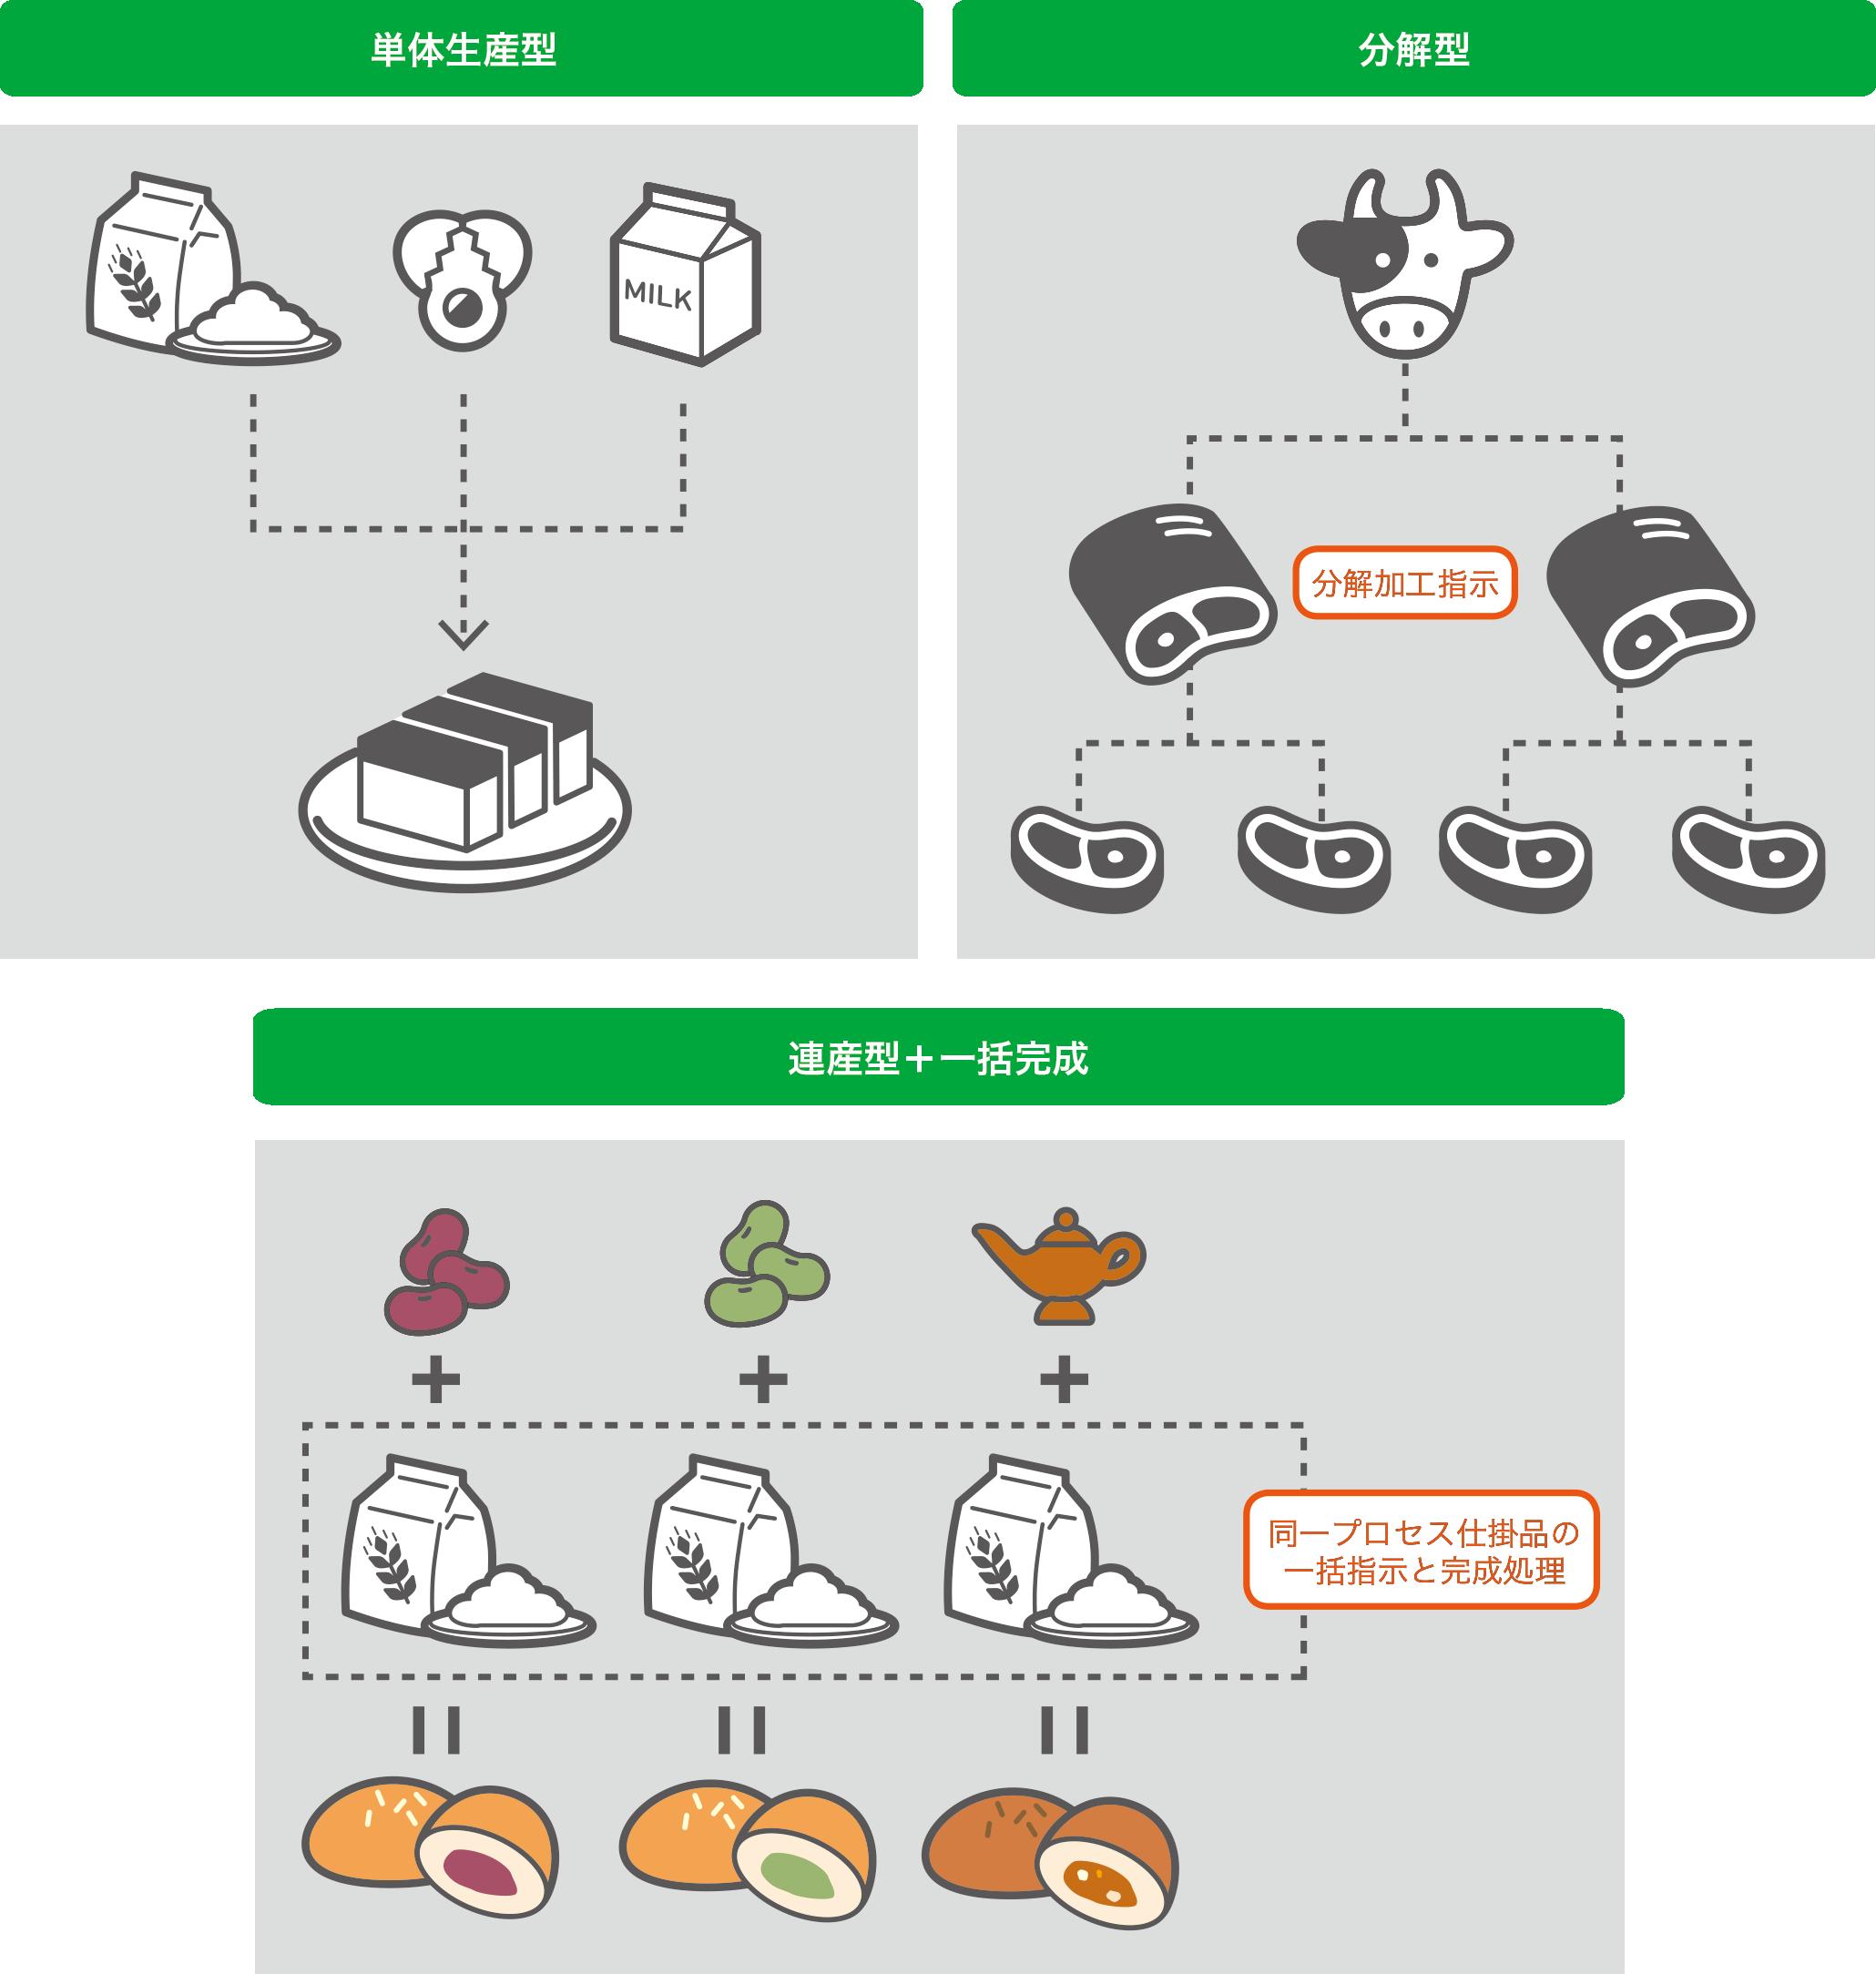 さまざまな食品製造形態に対応できる生産管理